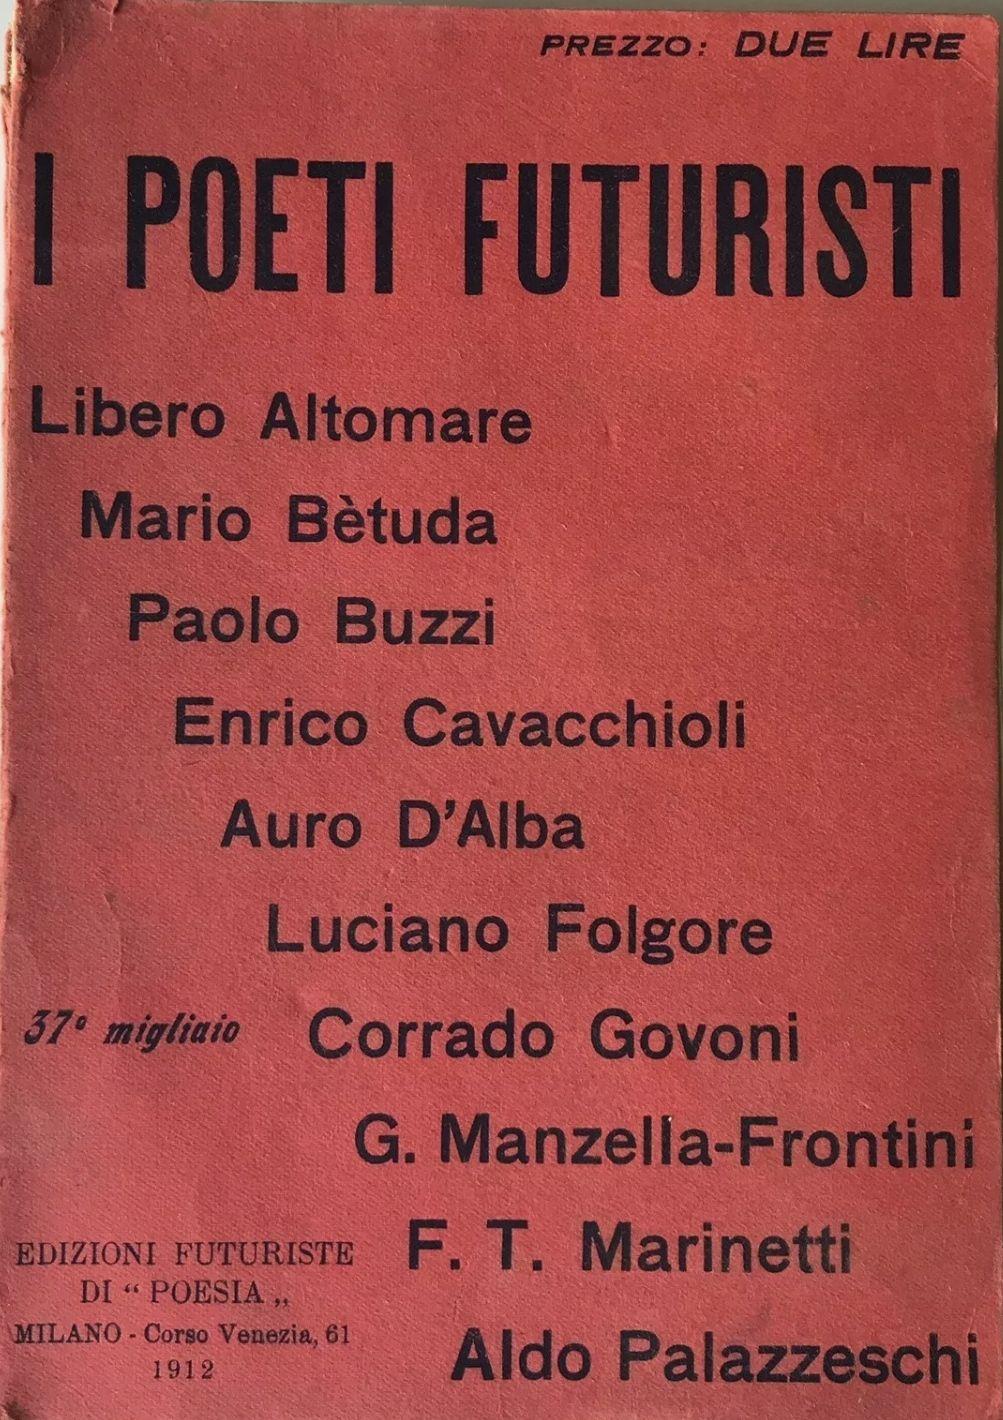 I Poeti Futuristi – Edizioni Futuriste di Poesia 1912. Prima edizione, a 140 €